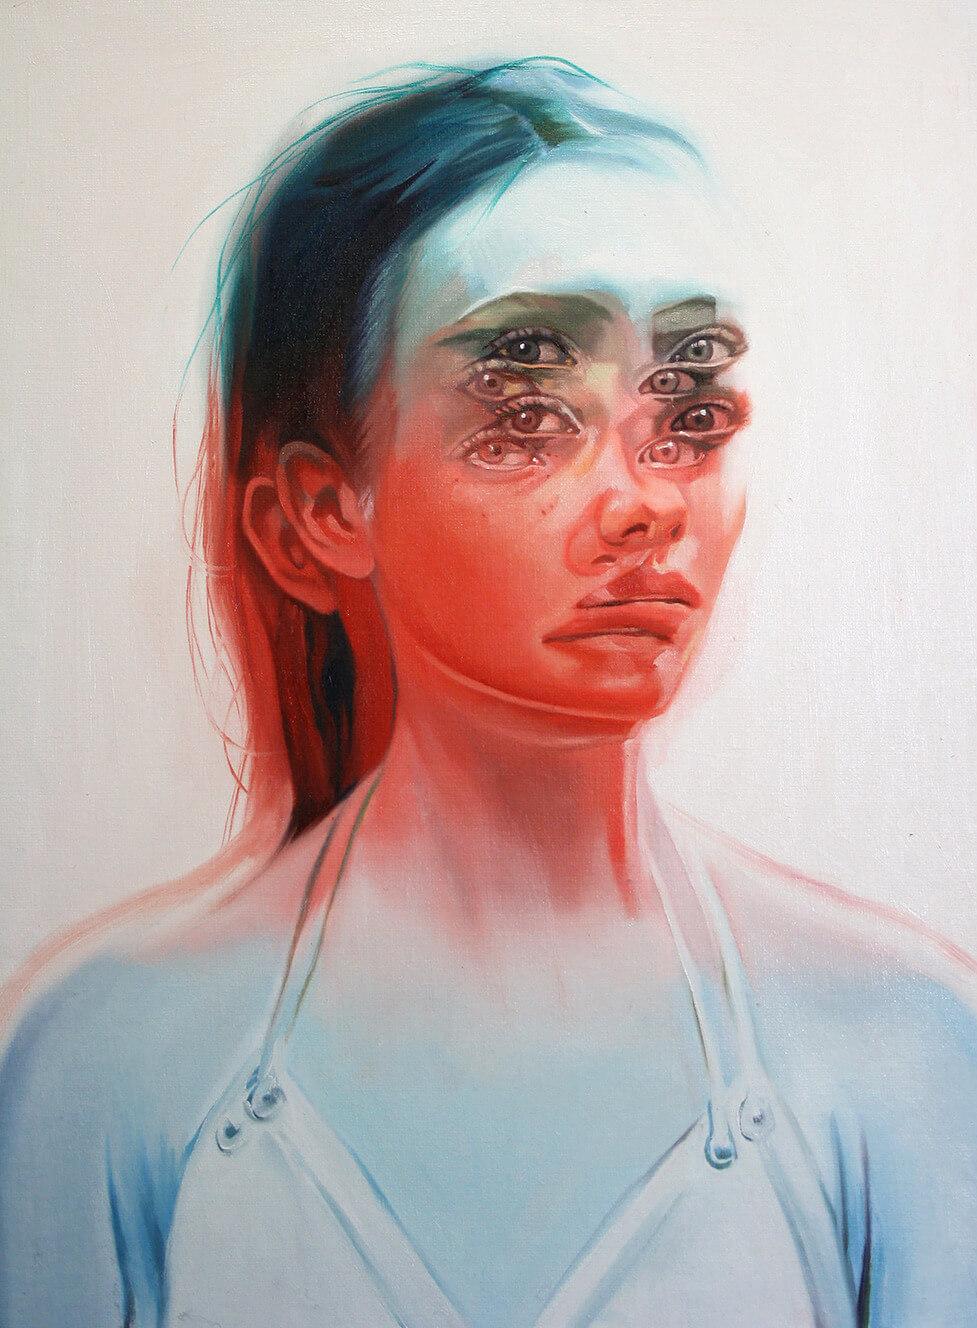 Nueva exhibición de Alex Garant en la Galería Thinkspace